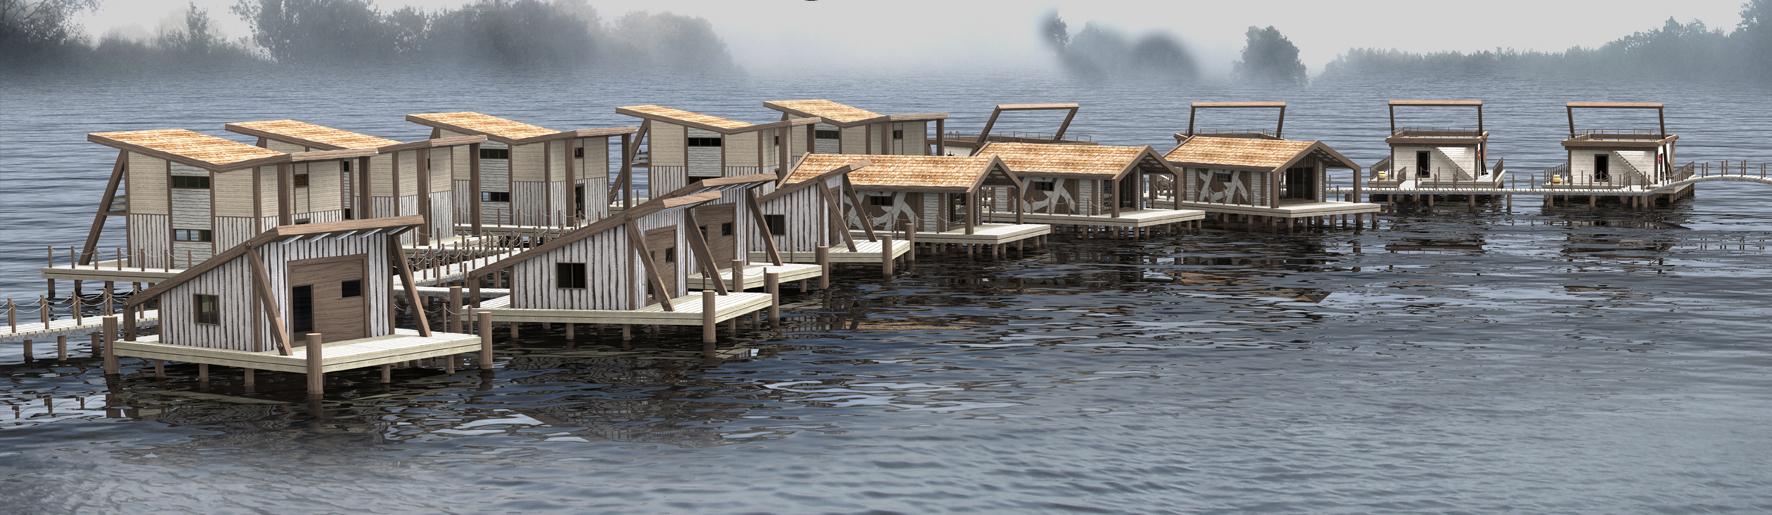 проект гостиницы на воде